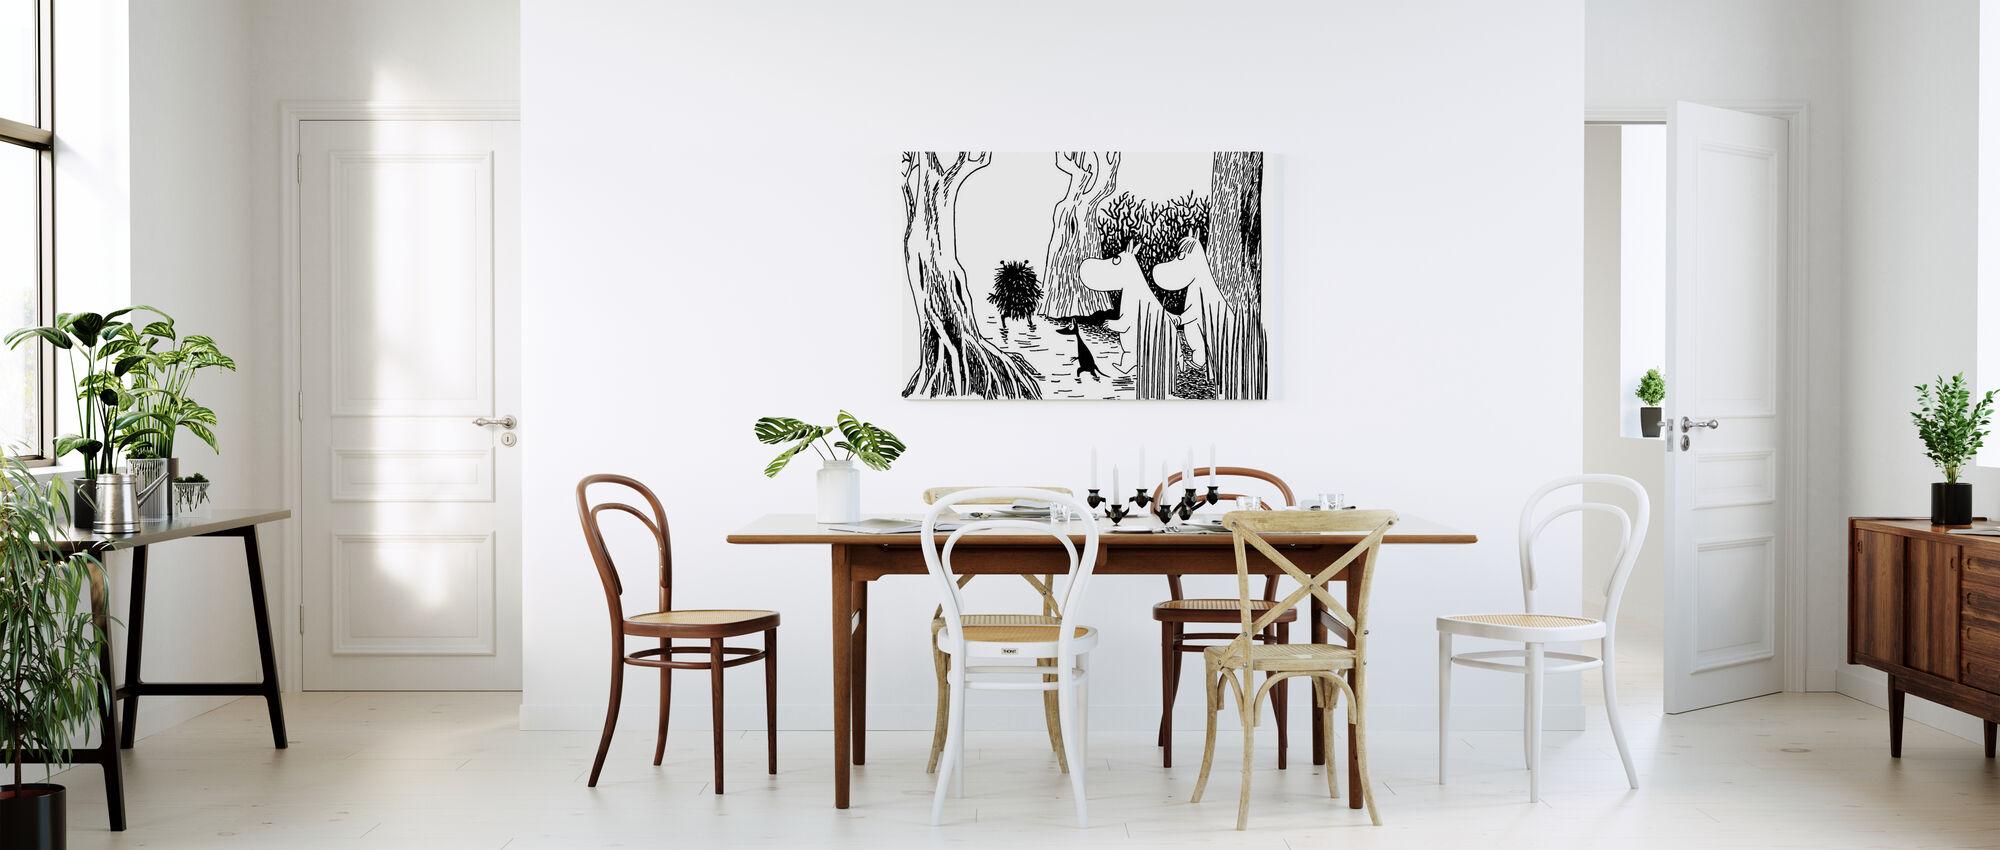 Moomin - Stinky - Canvas print - Keuken